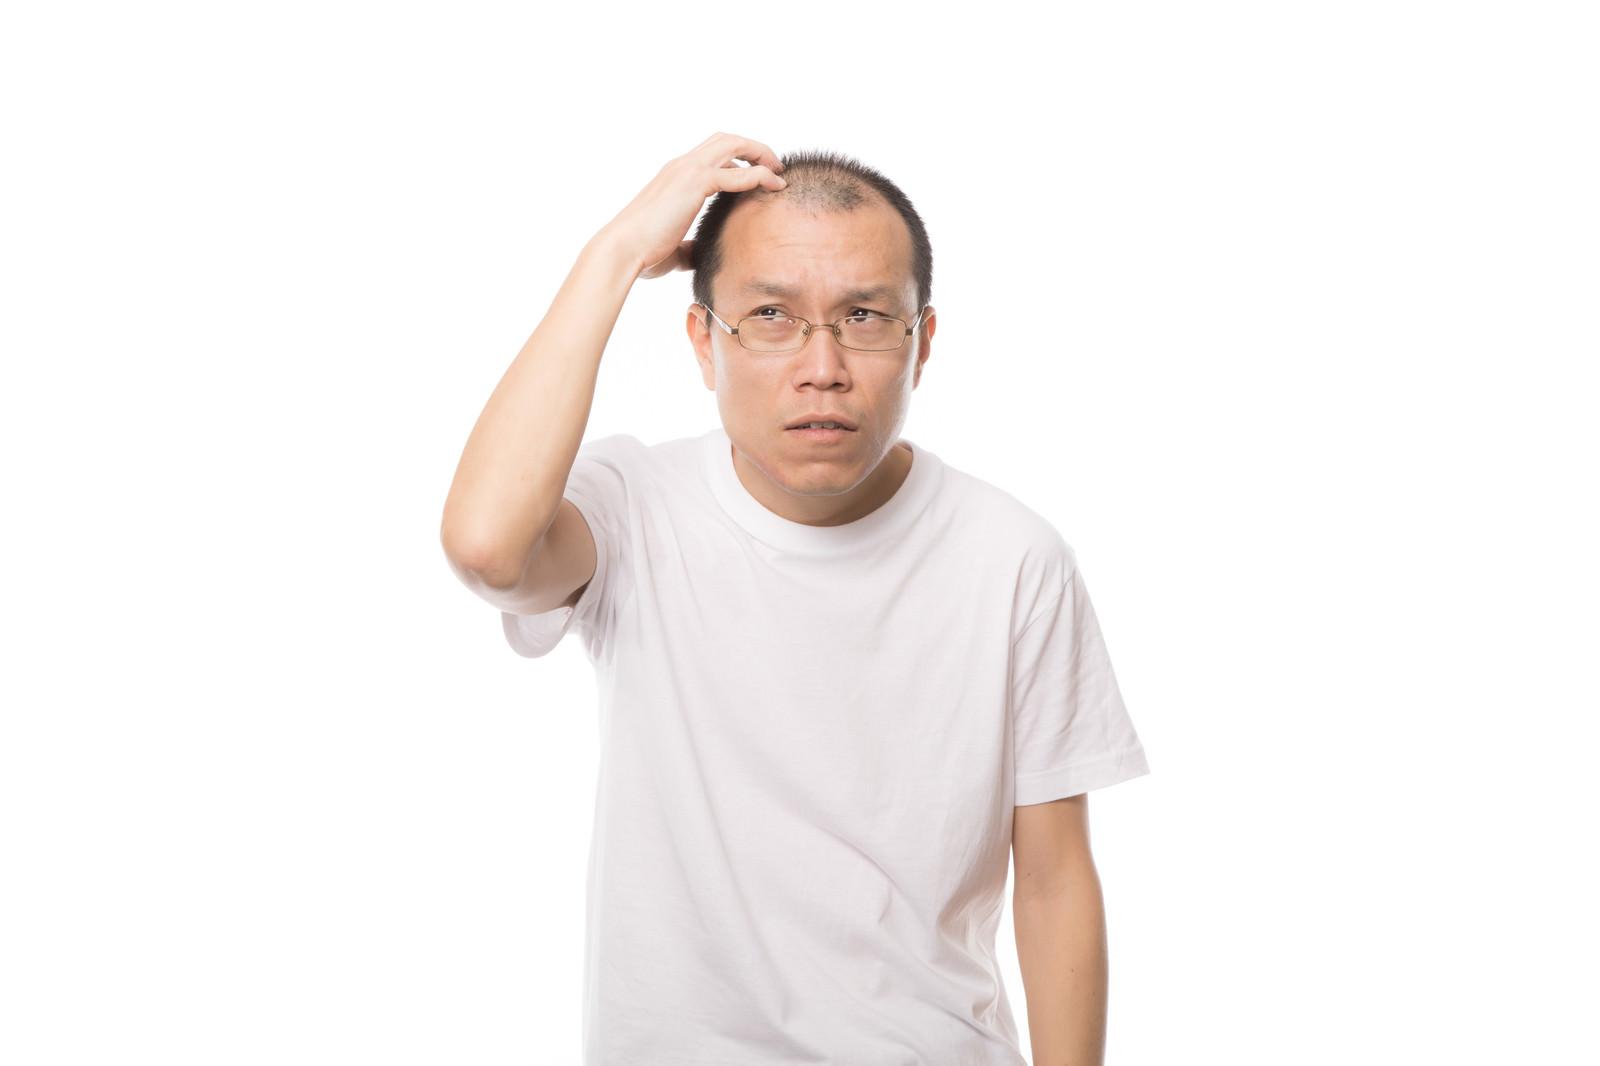 「薄毛を気にする男性」の写真[モデル:サンライズ鈴木]